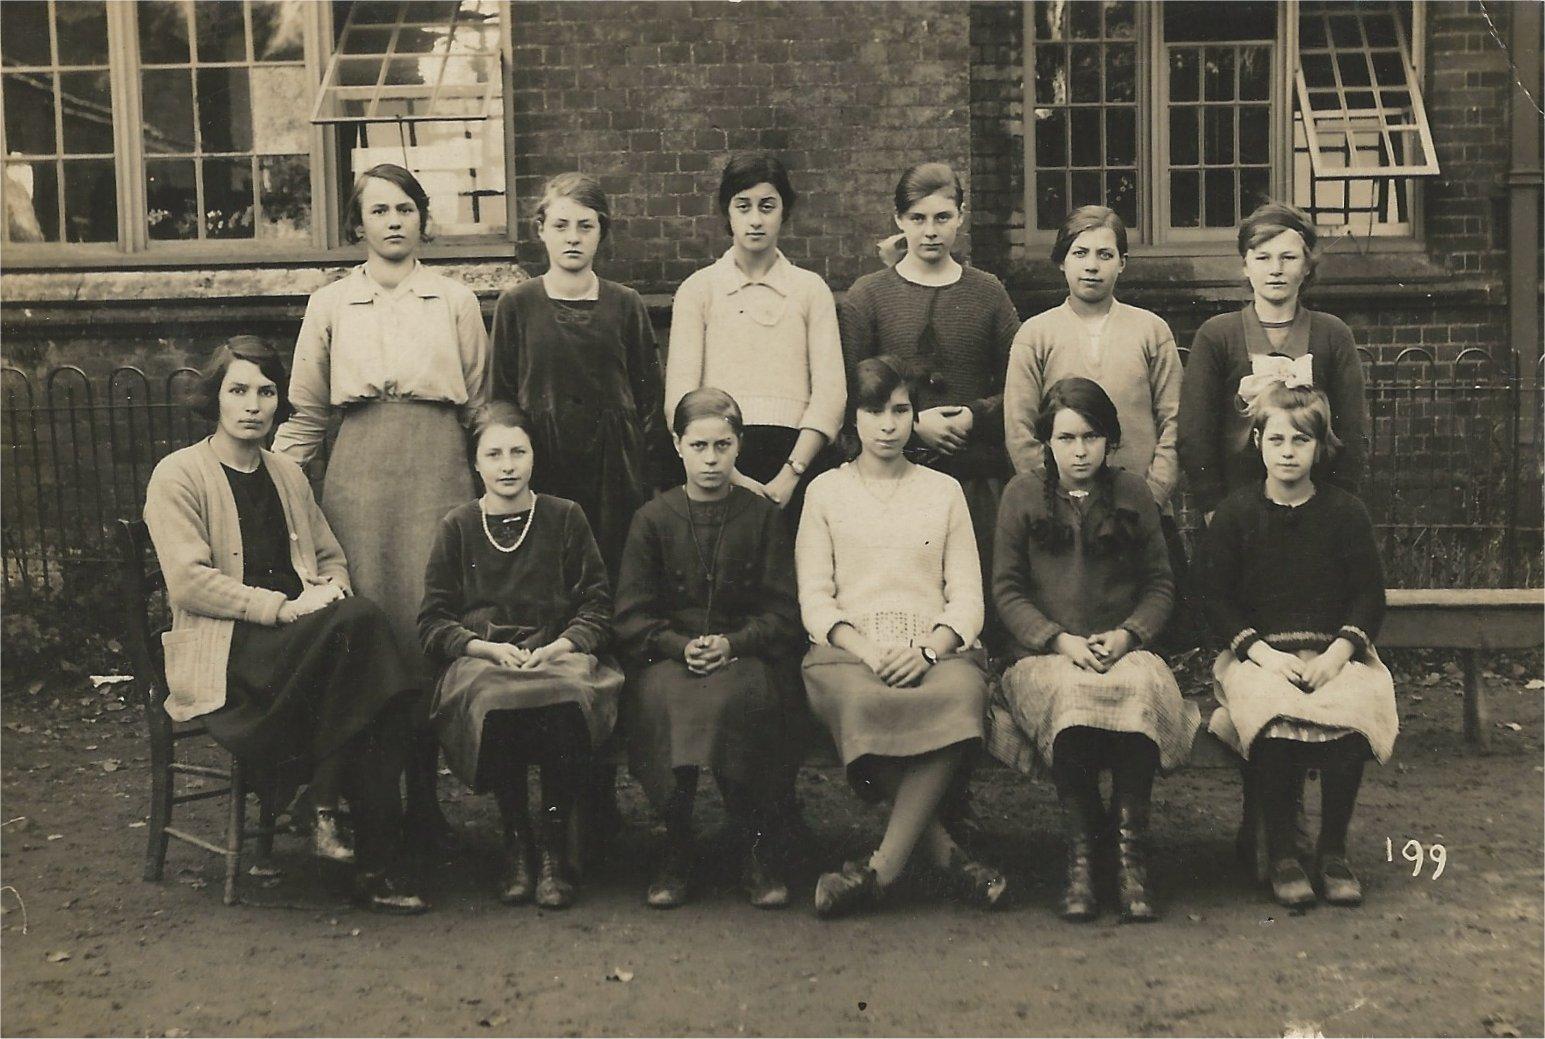 SC stradbroke school c1930.jpg